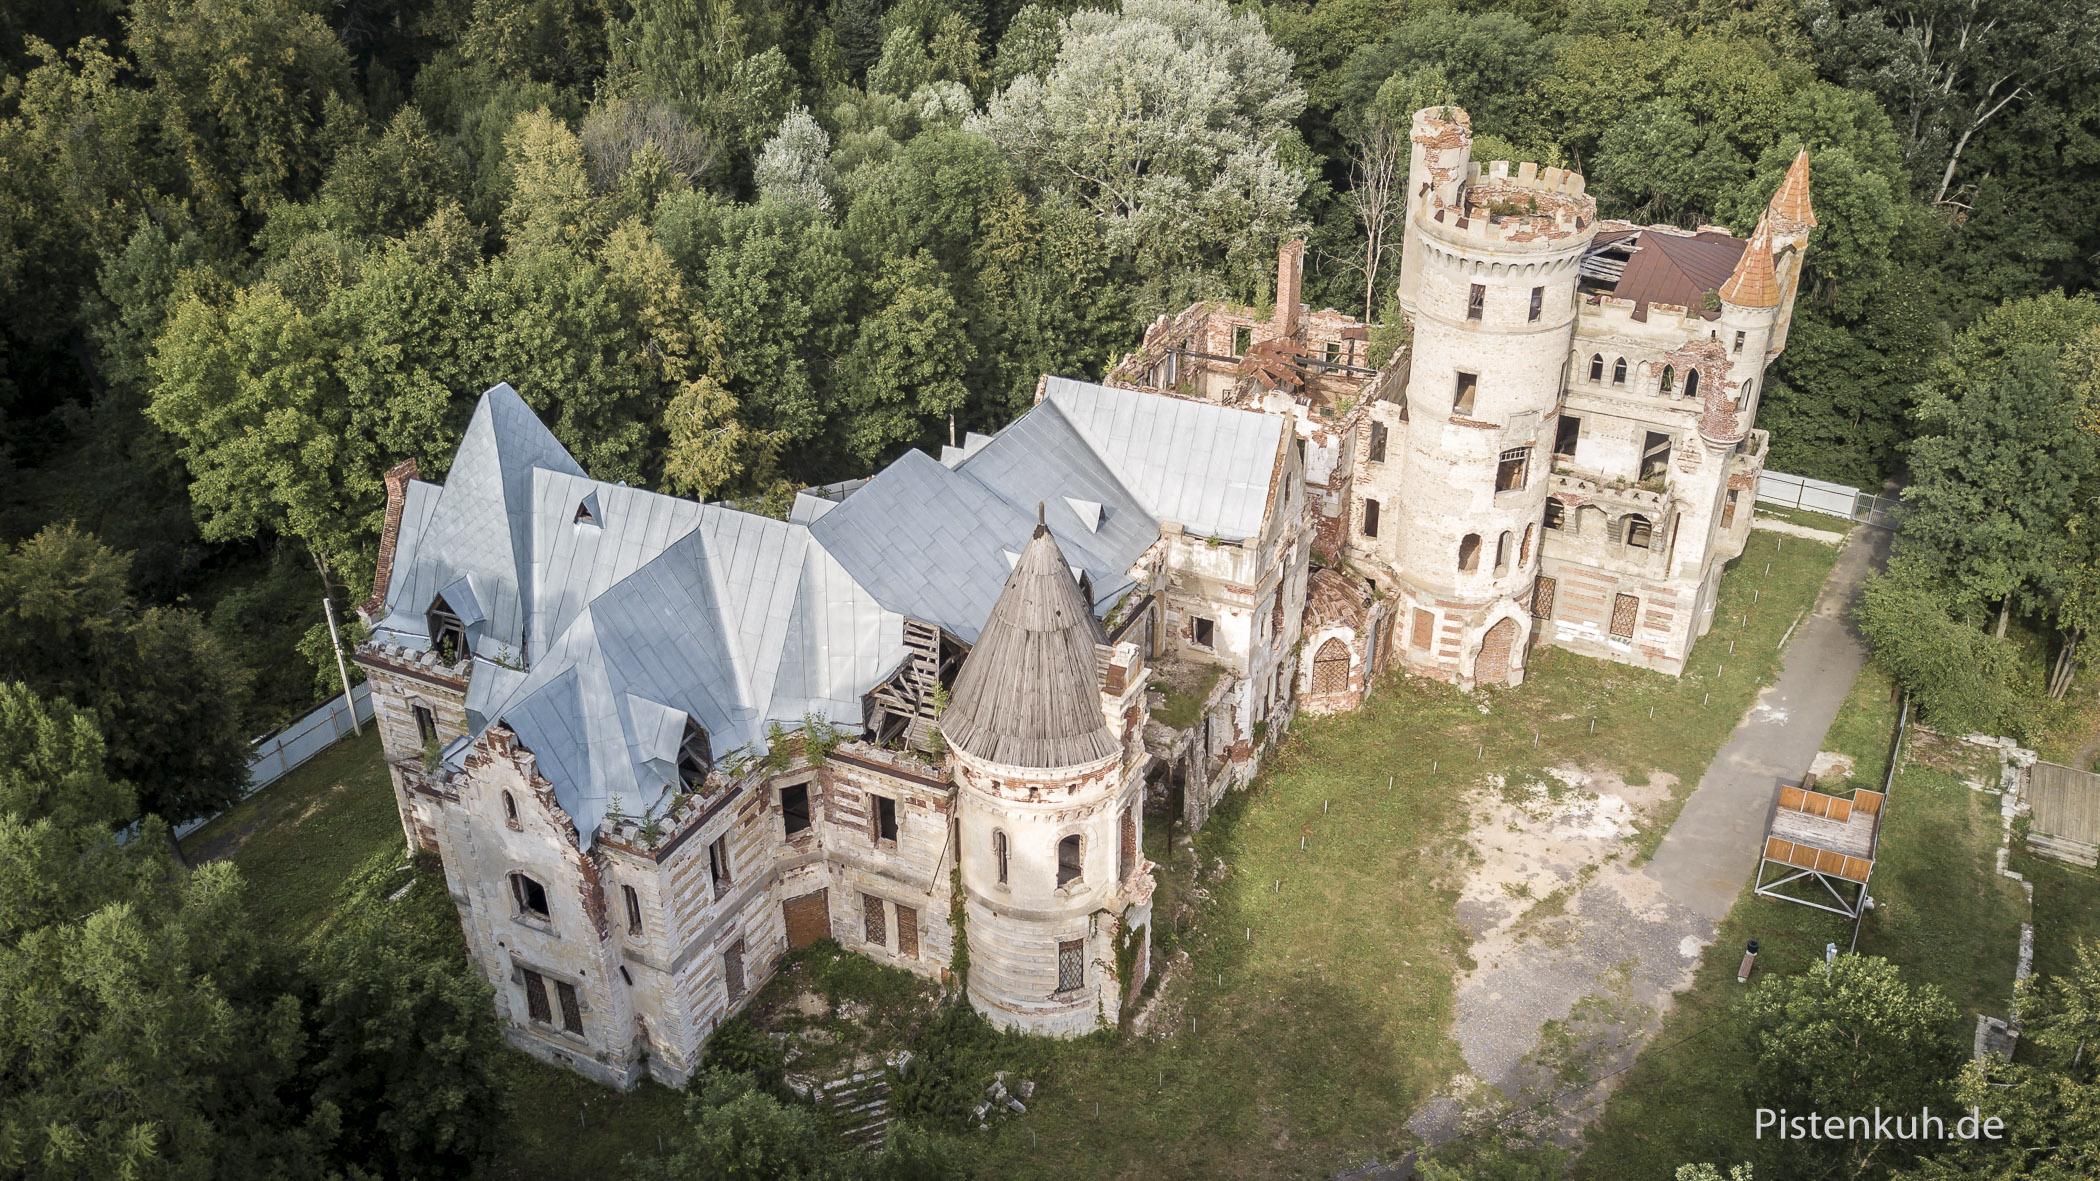 Ein Blick aus der Vogelperspektive über die verlassene Villa